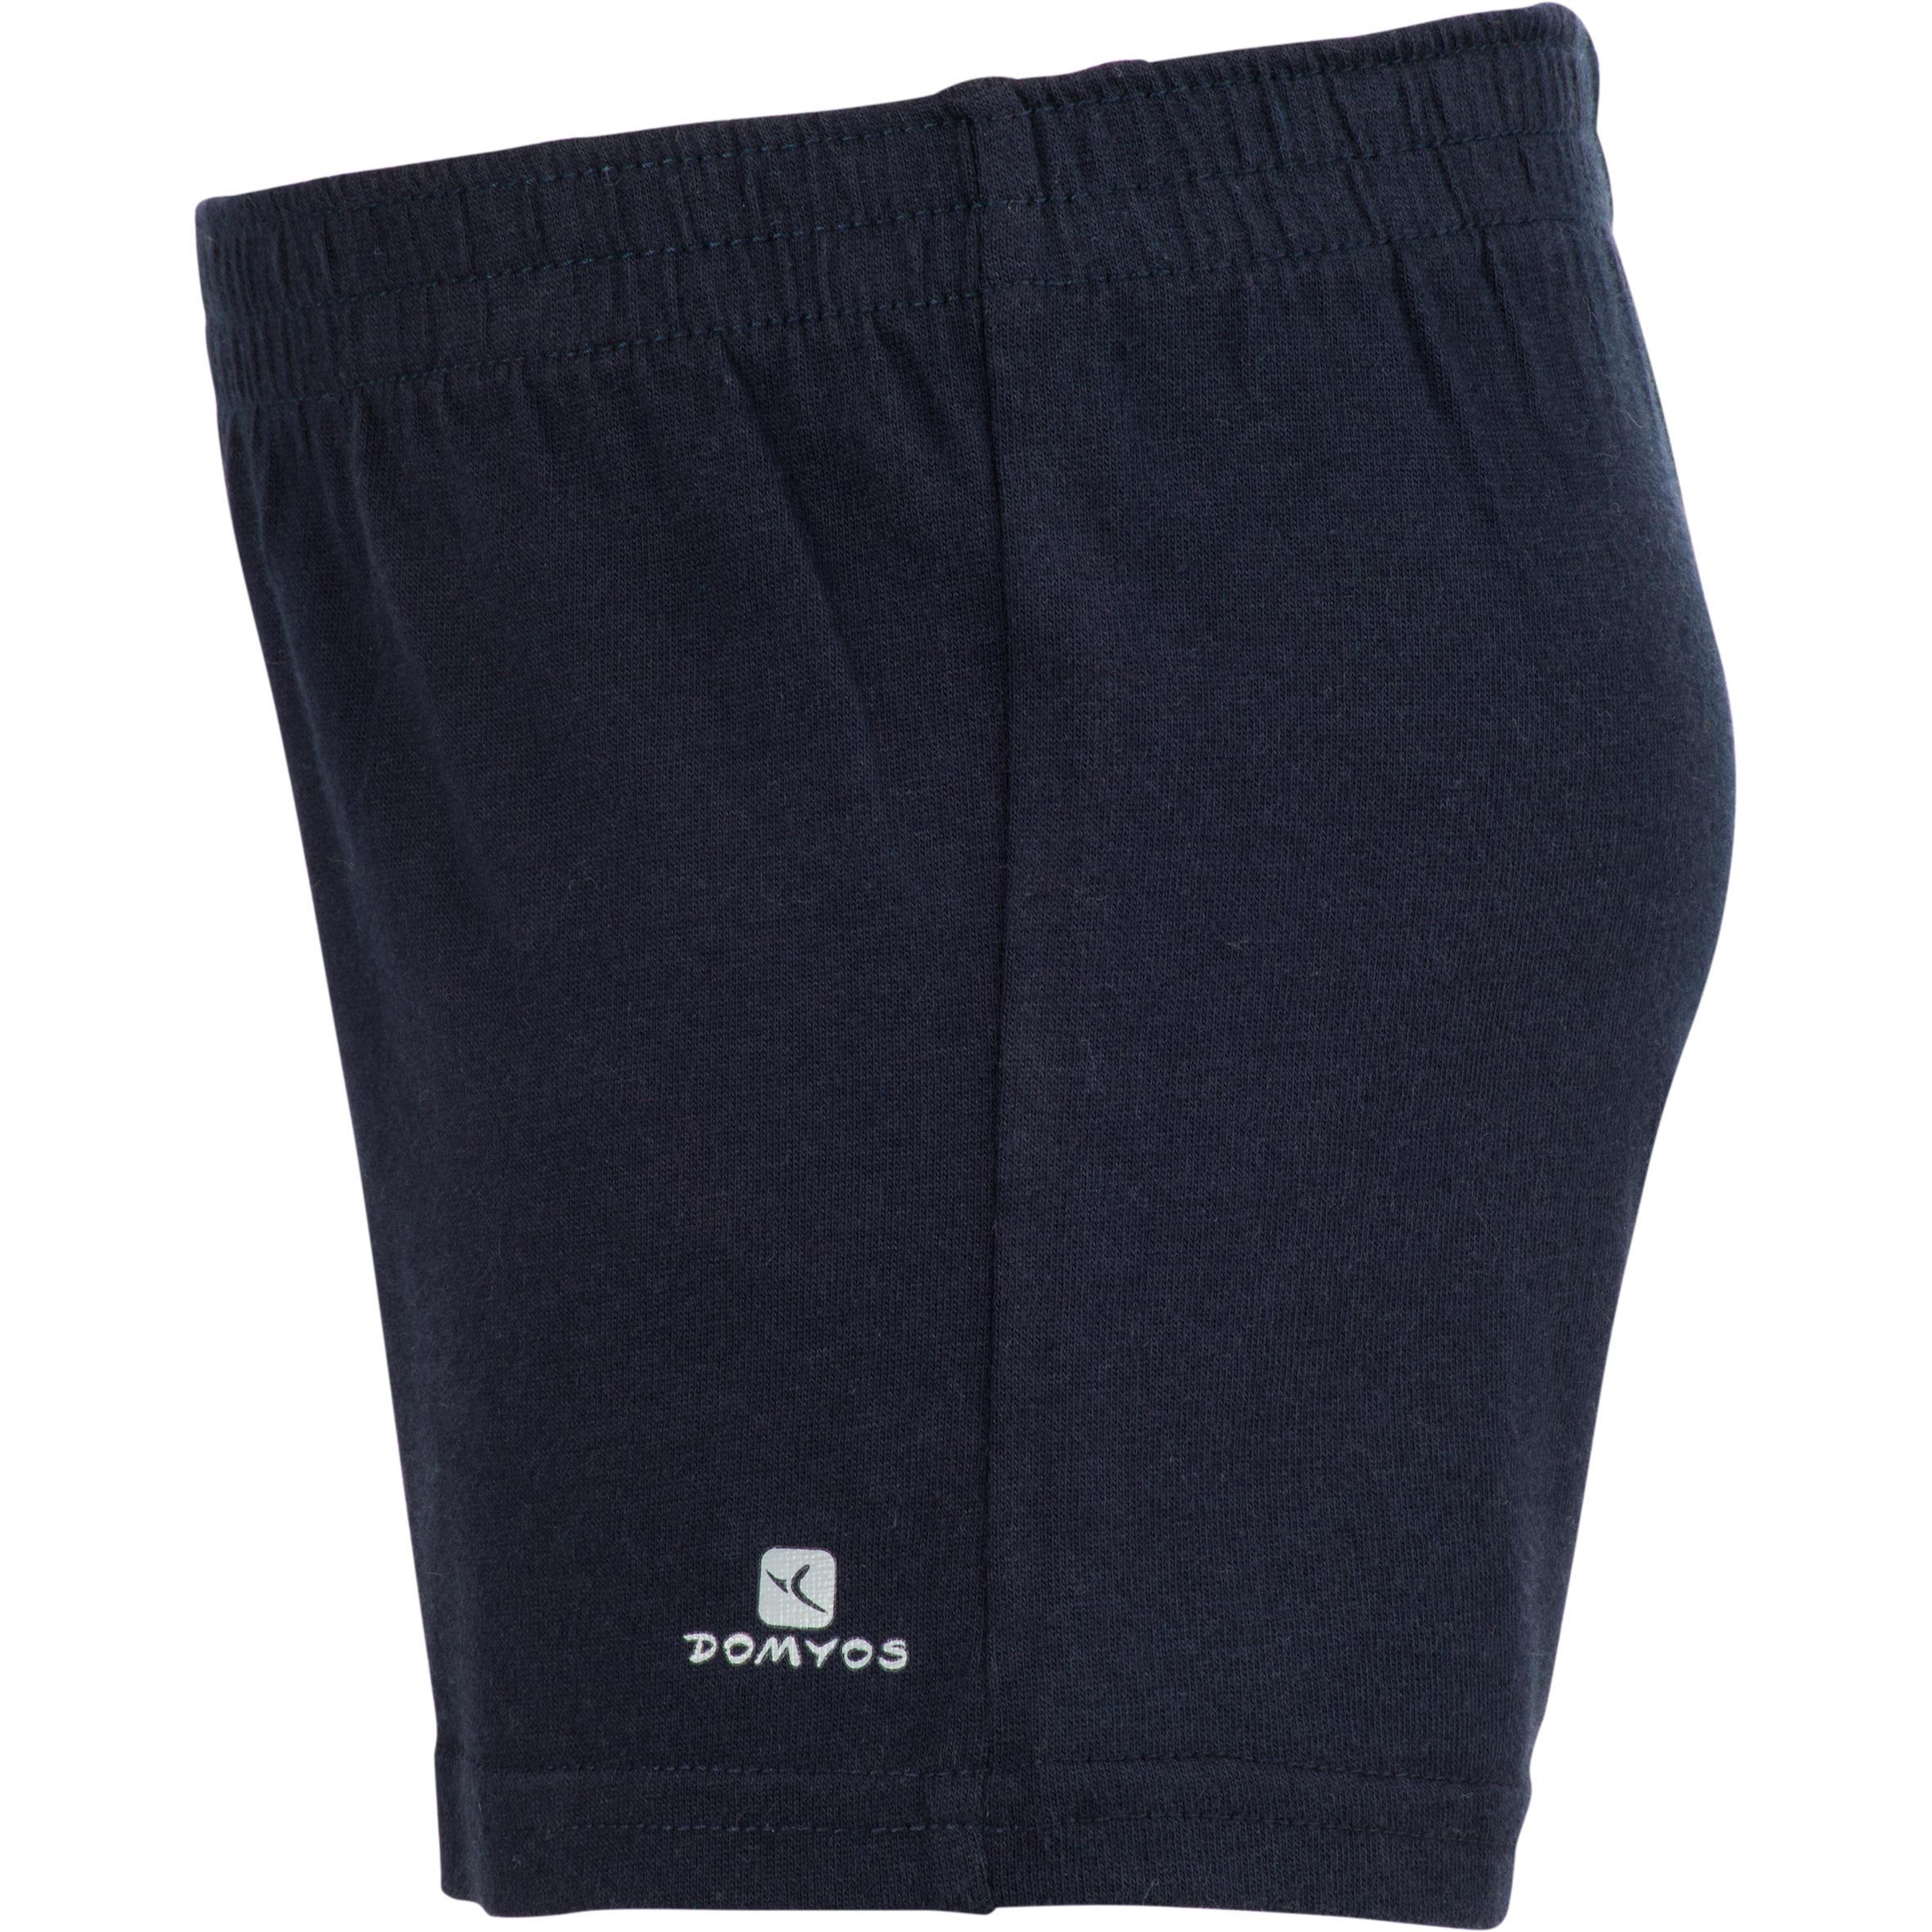 100 Baby Gym Shorts - Navy Blue